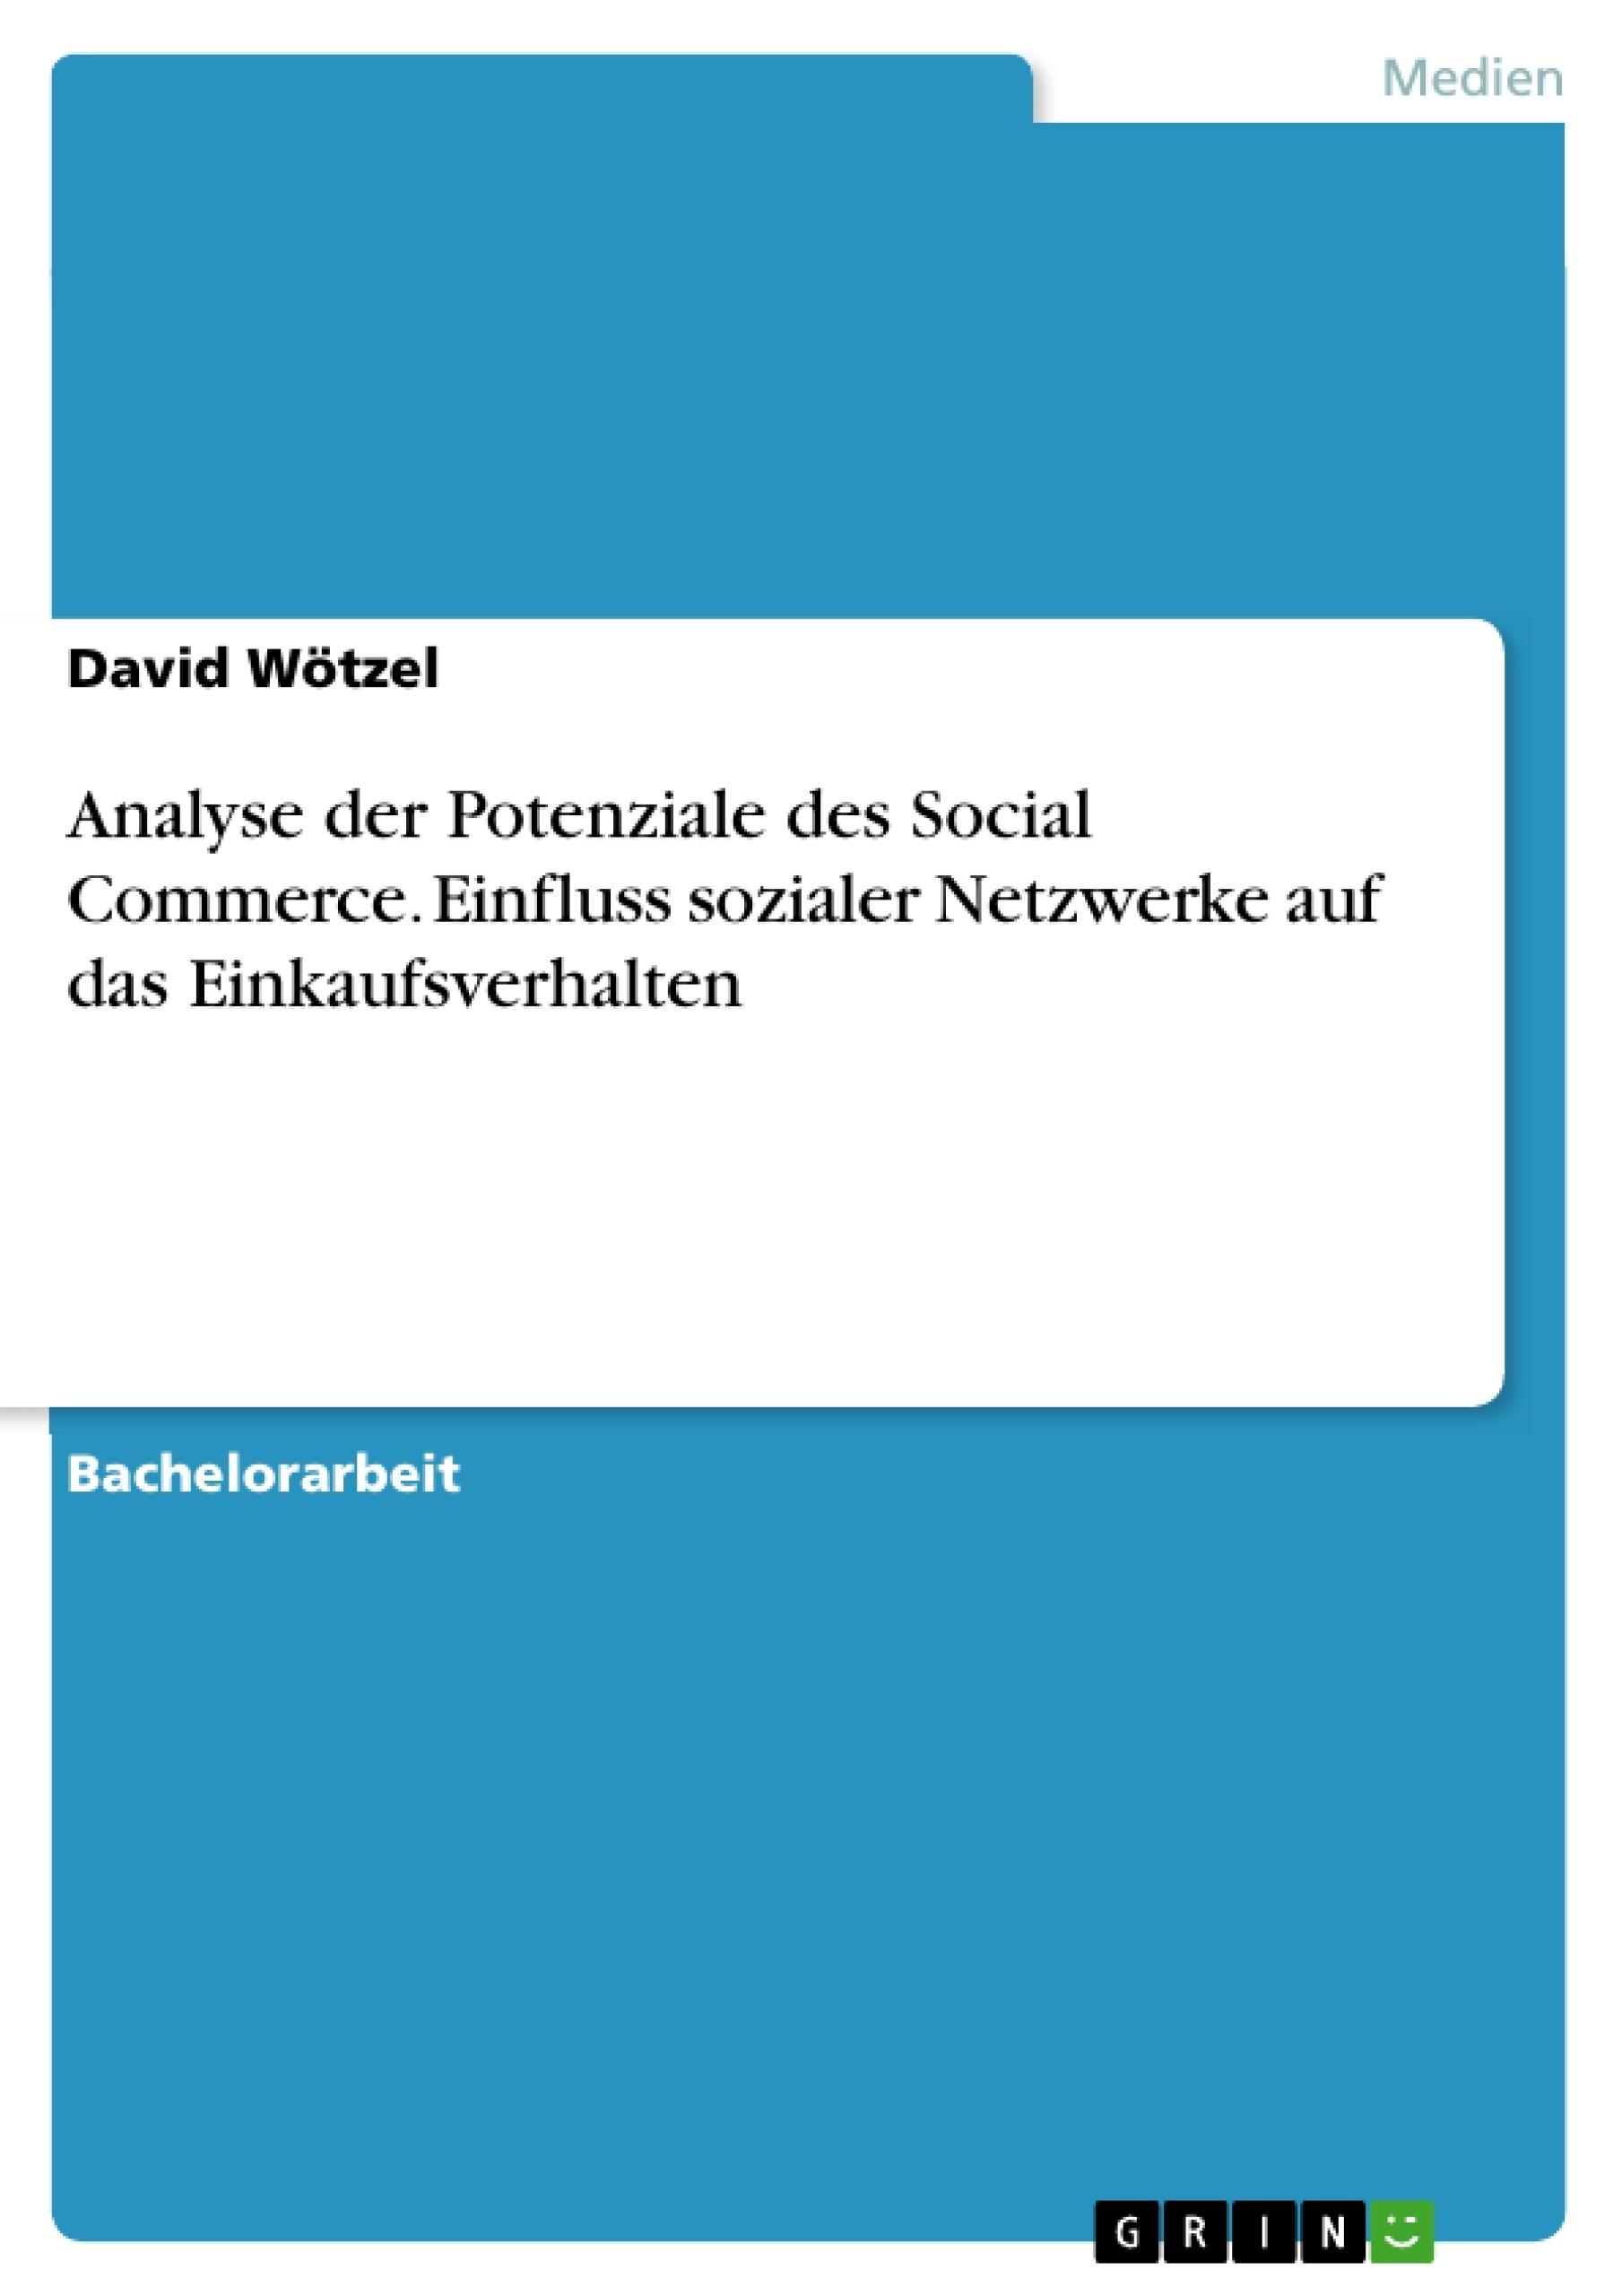 Titel: Analyse der Potenziale des Social Commerce. Einfluss sozialer Netzwerke auf das Einkaufsverhalten